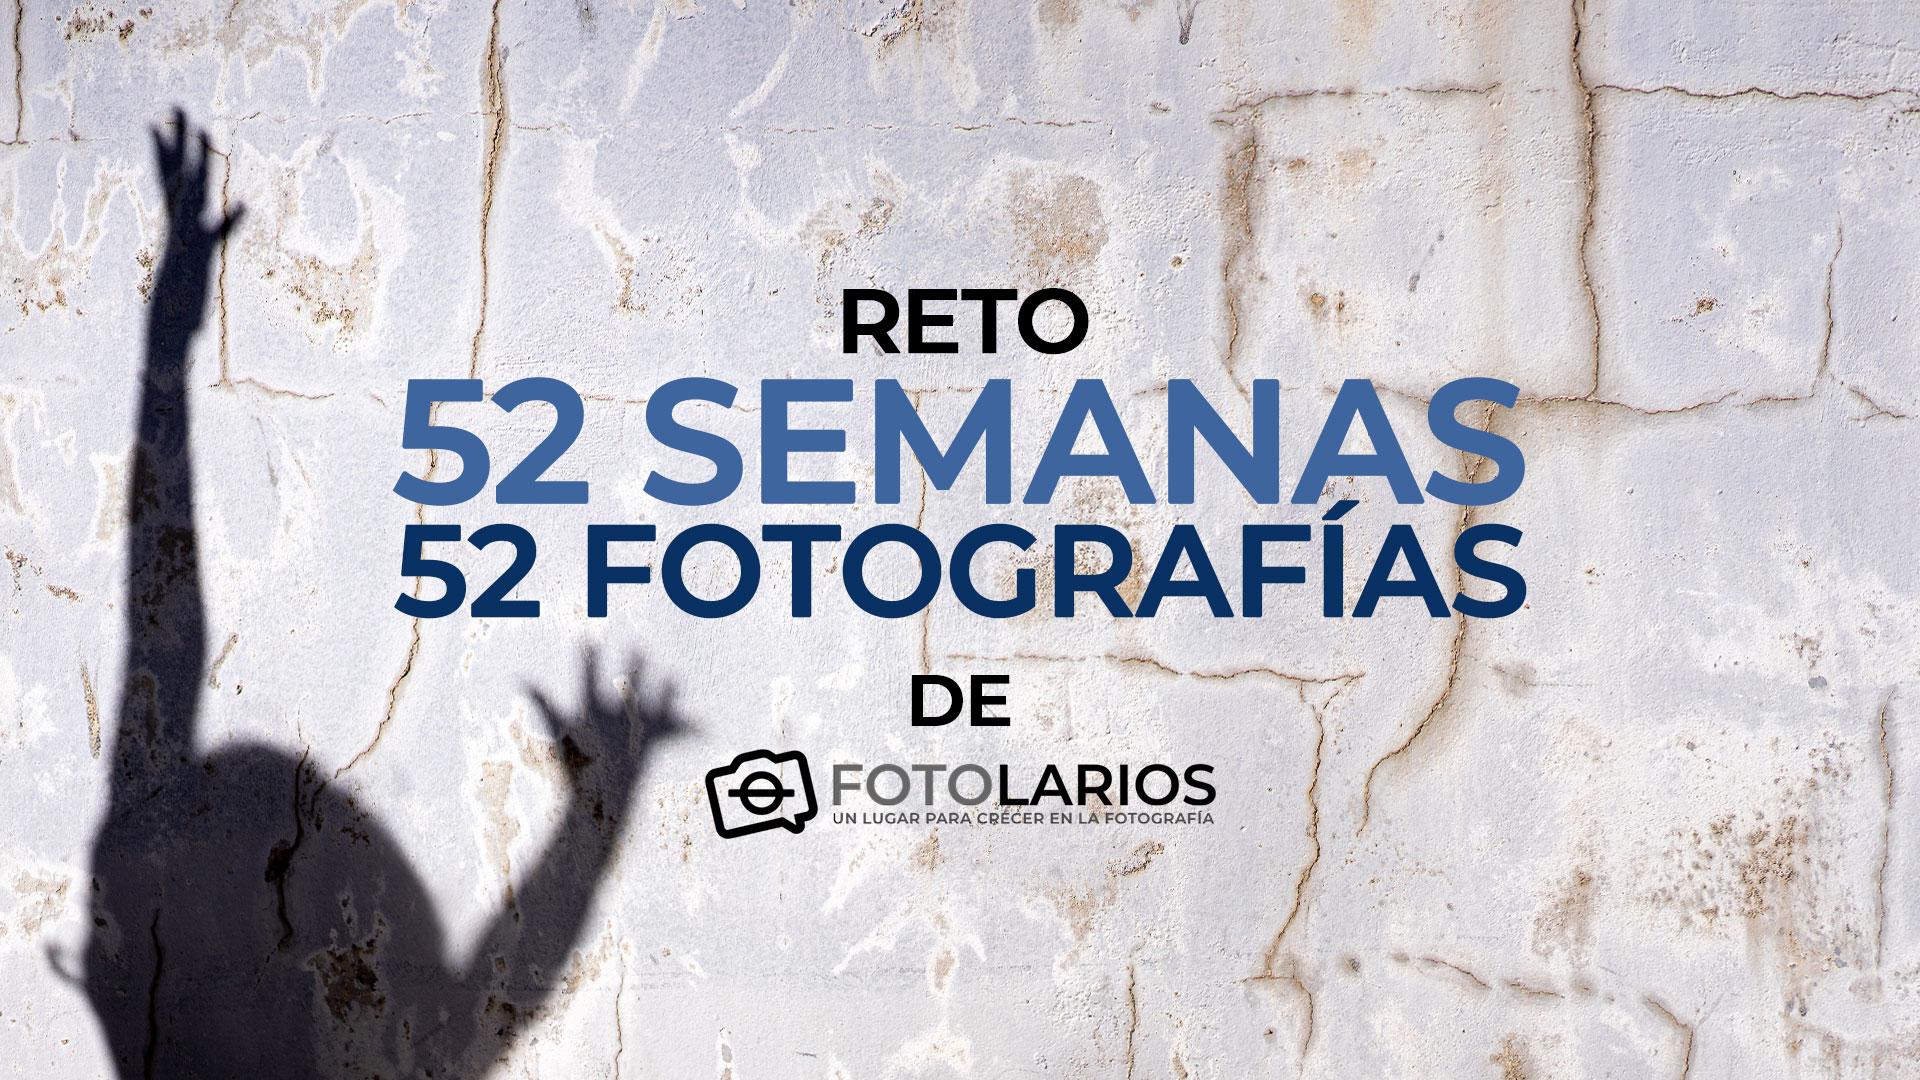 Reto 52 semanas, 52 fotografías, de Fotolarios